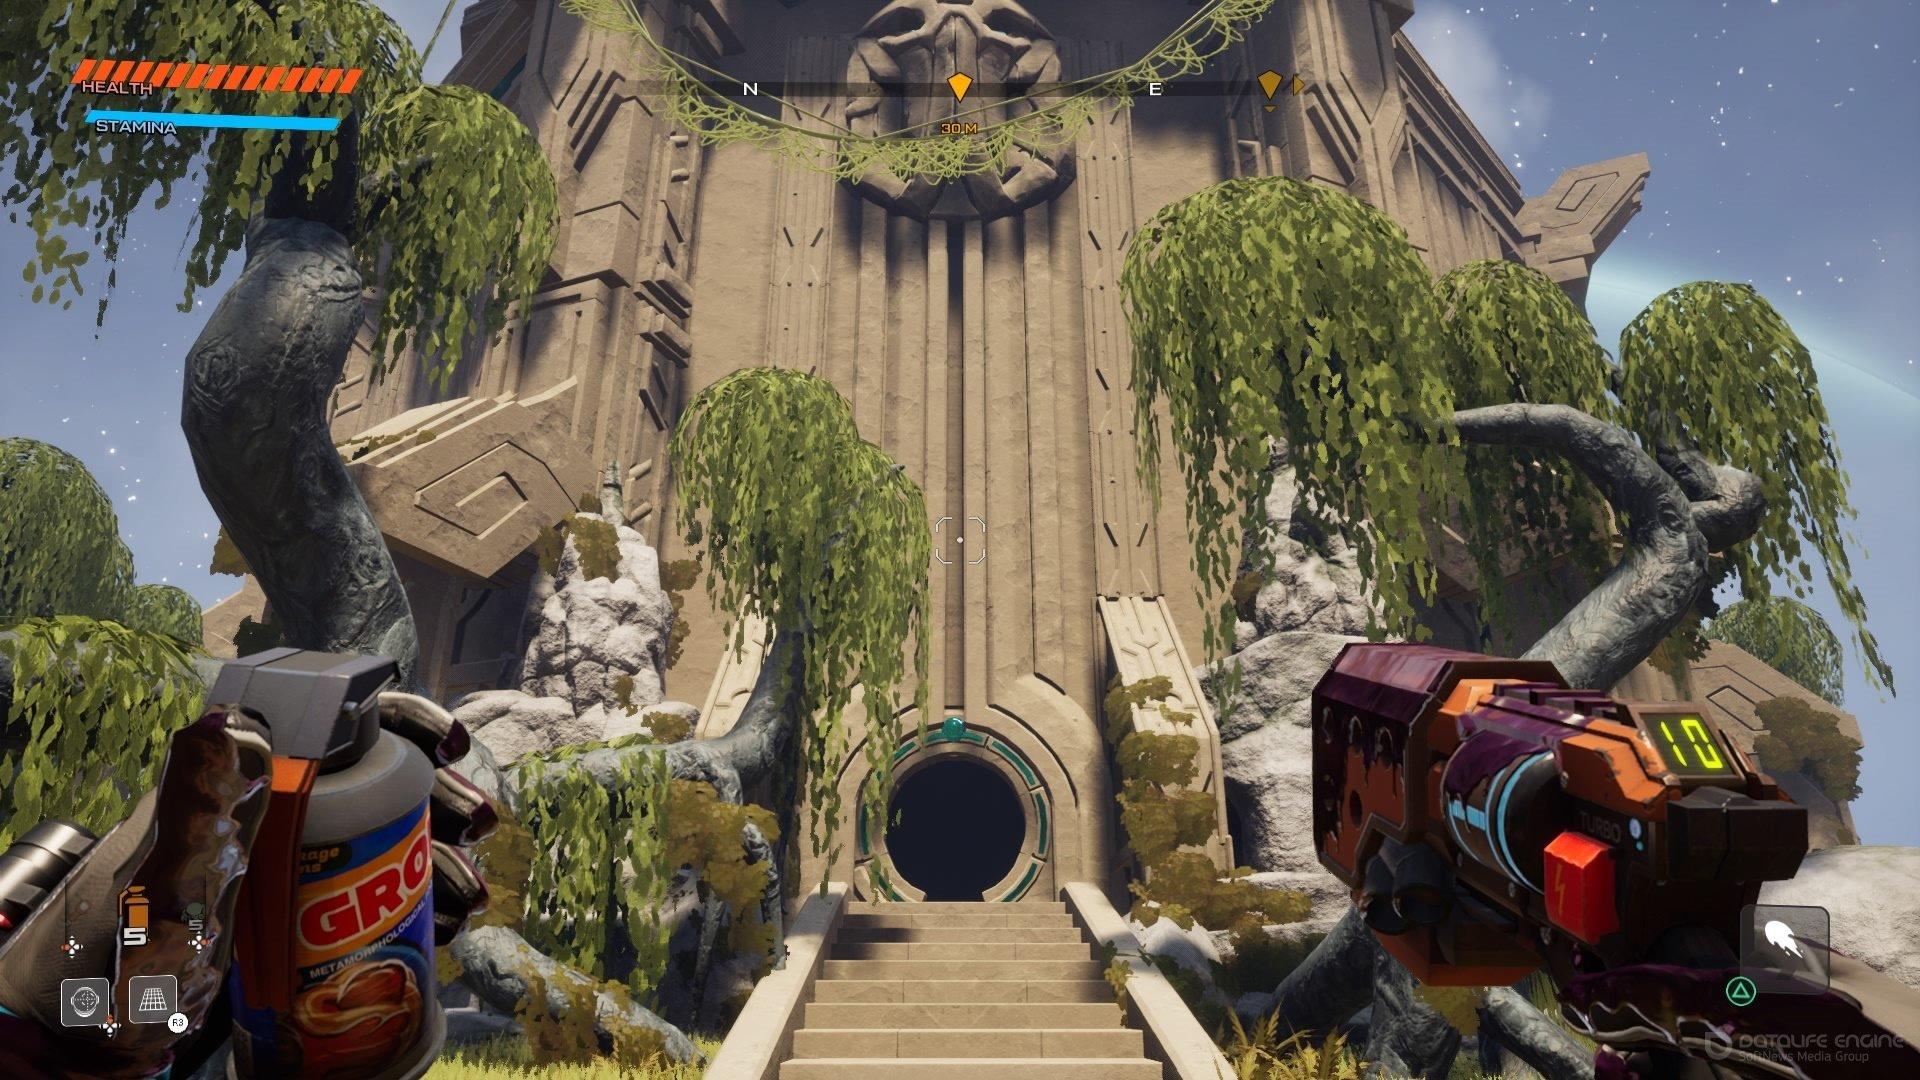 Скриншот к игре Journey to the Savage Planet v.1.0.10 [GOG] (2020) скачать торрент Лицензия